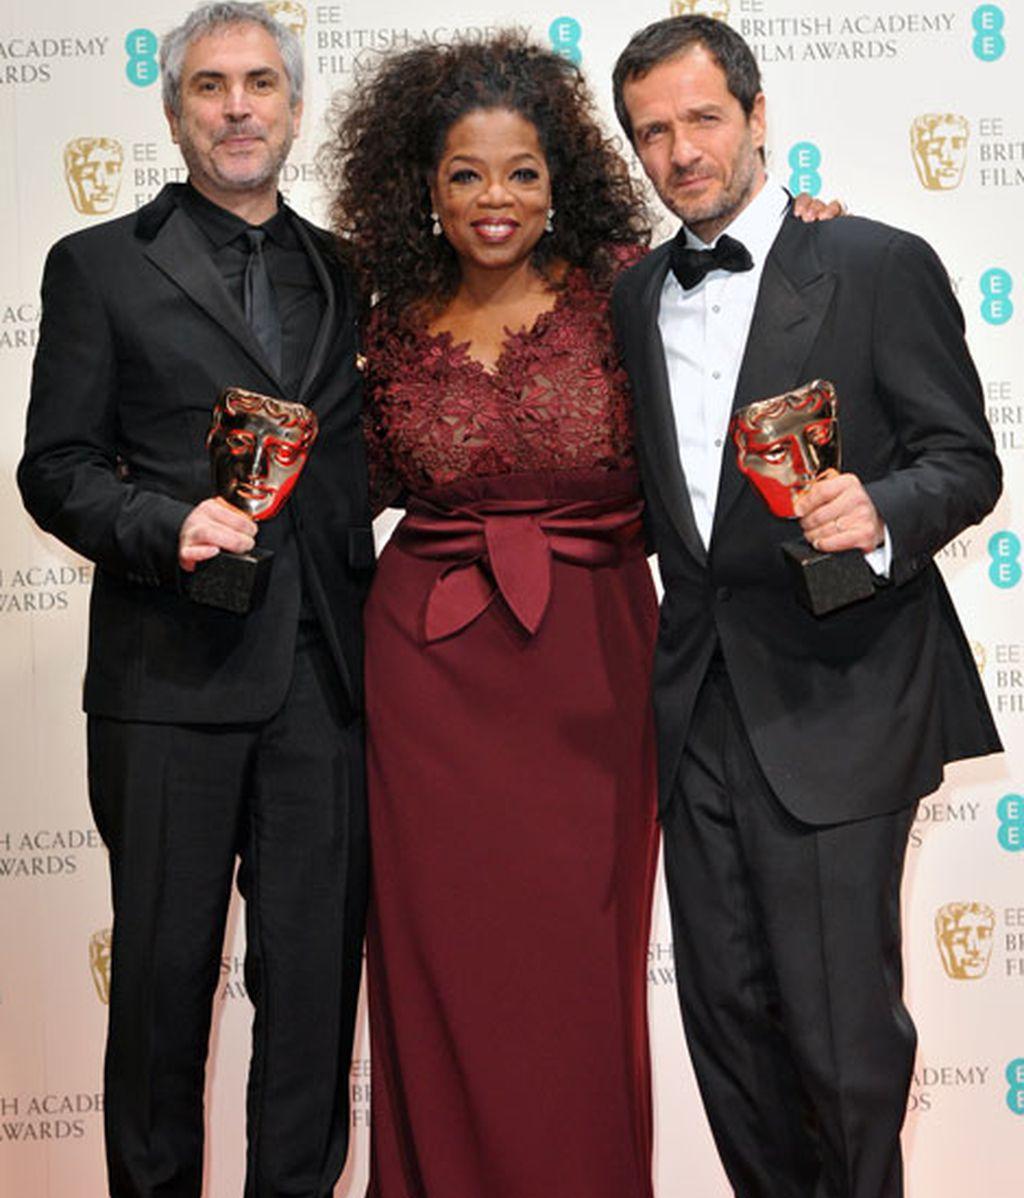 Alfons Cuarón, mejor director por Gravity, posa con Oprah Winfrey y el productor David Heyman